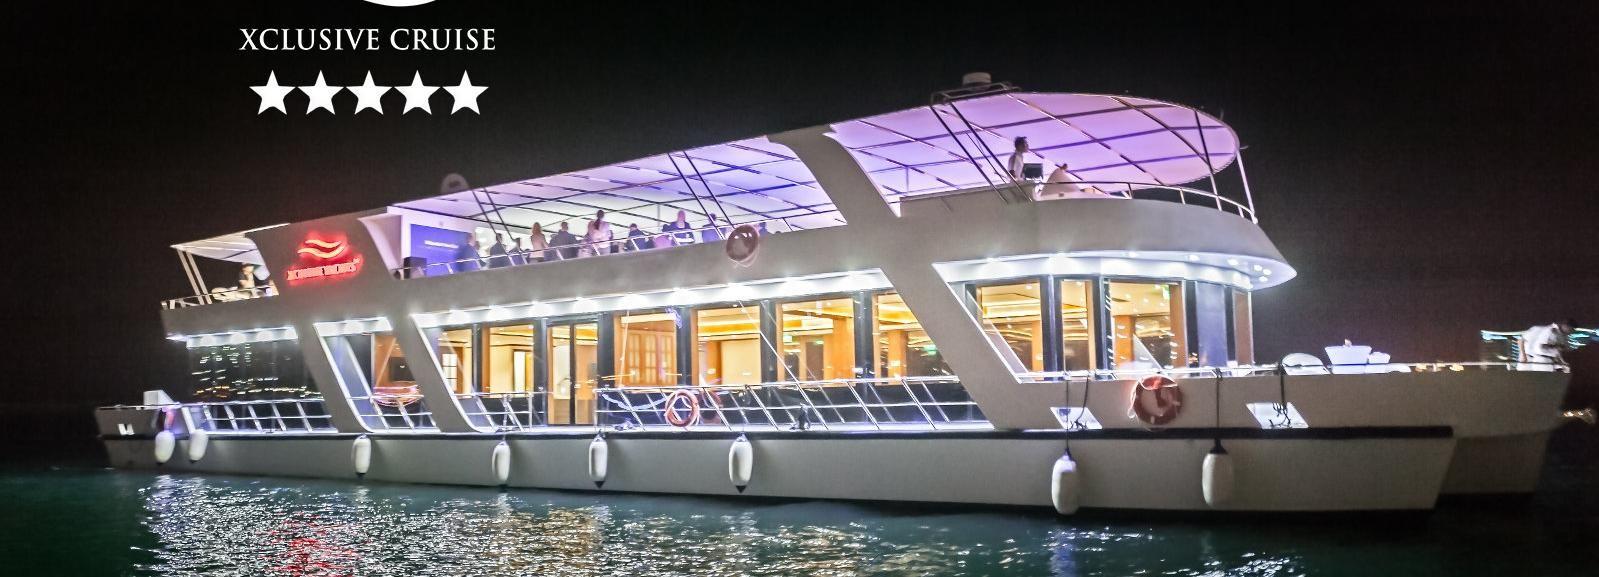 Dubaï: dîner croisière de luxe dans la marina avec concert